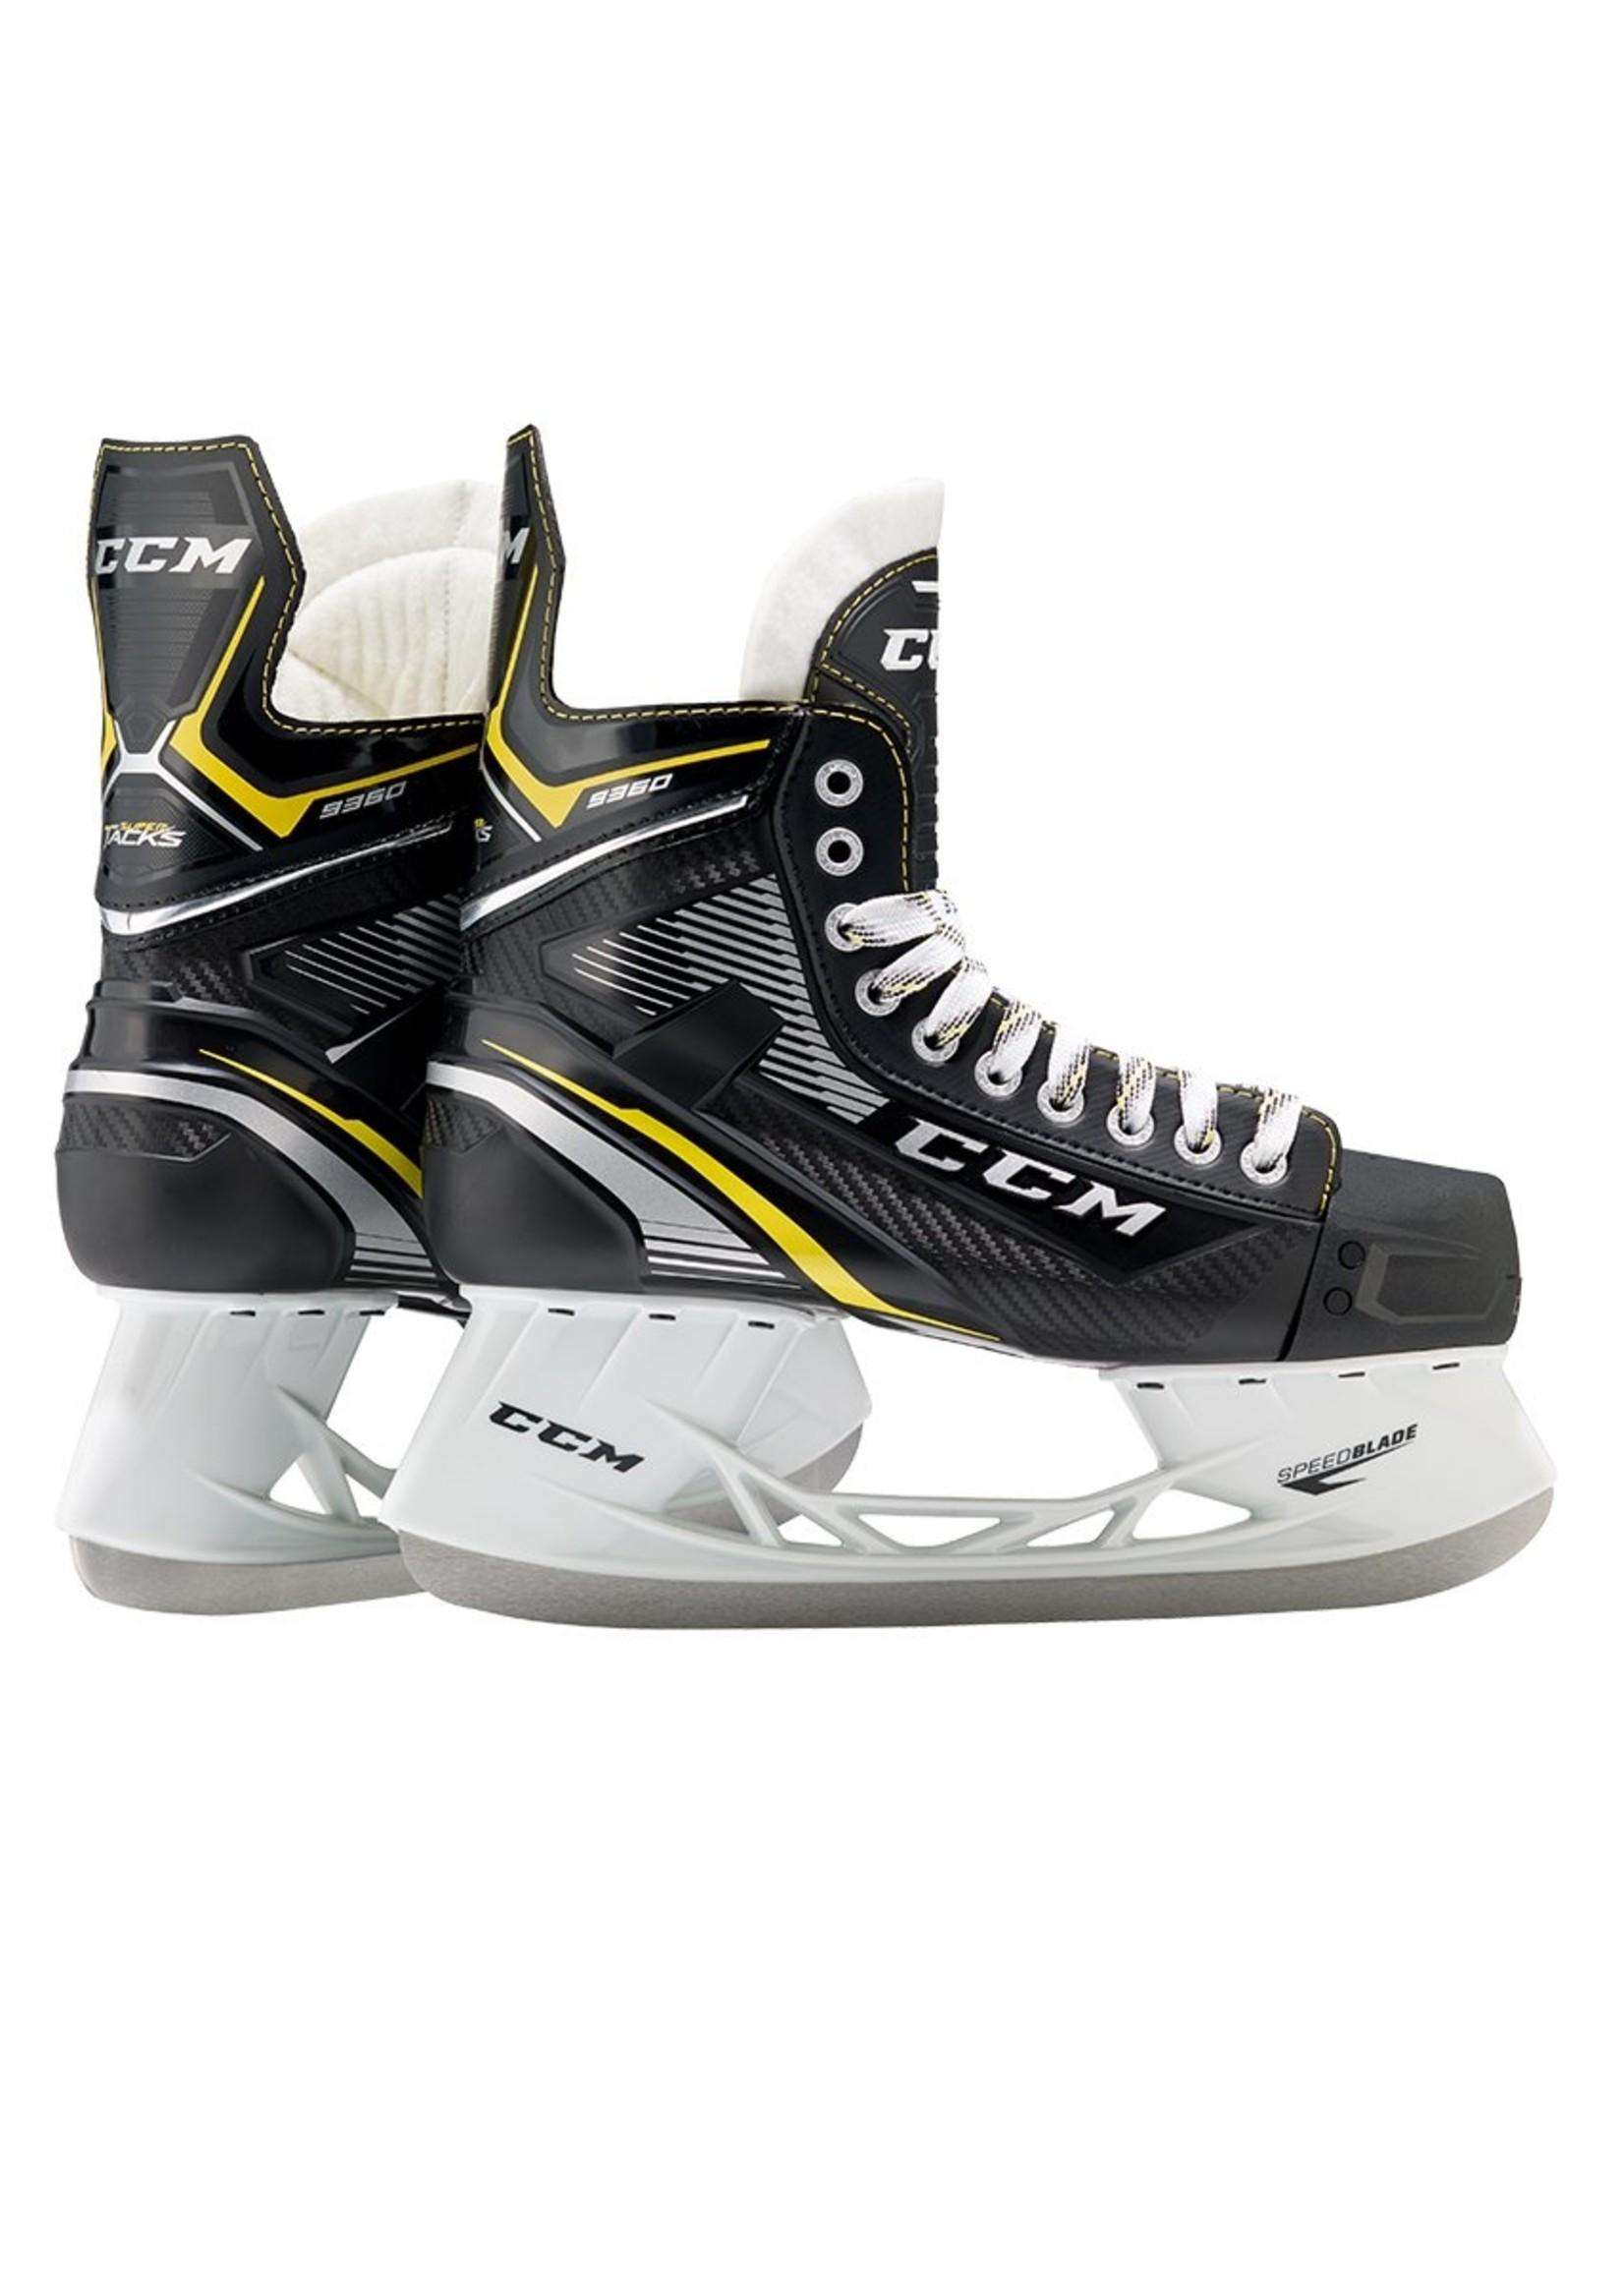 CCM Hockey CCM SUPER TACKS 9360 JR HOCKEY SKATES